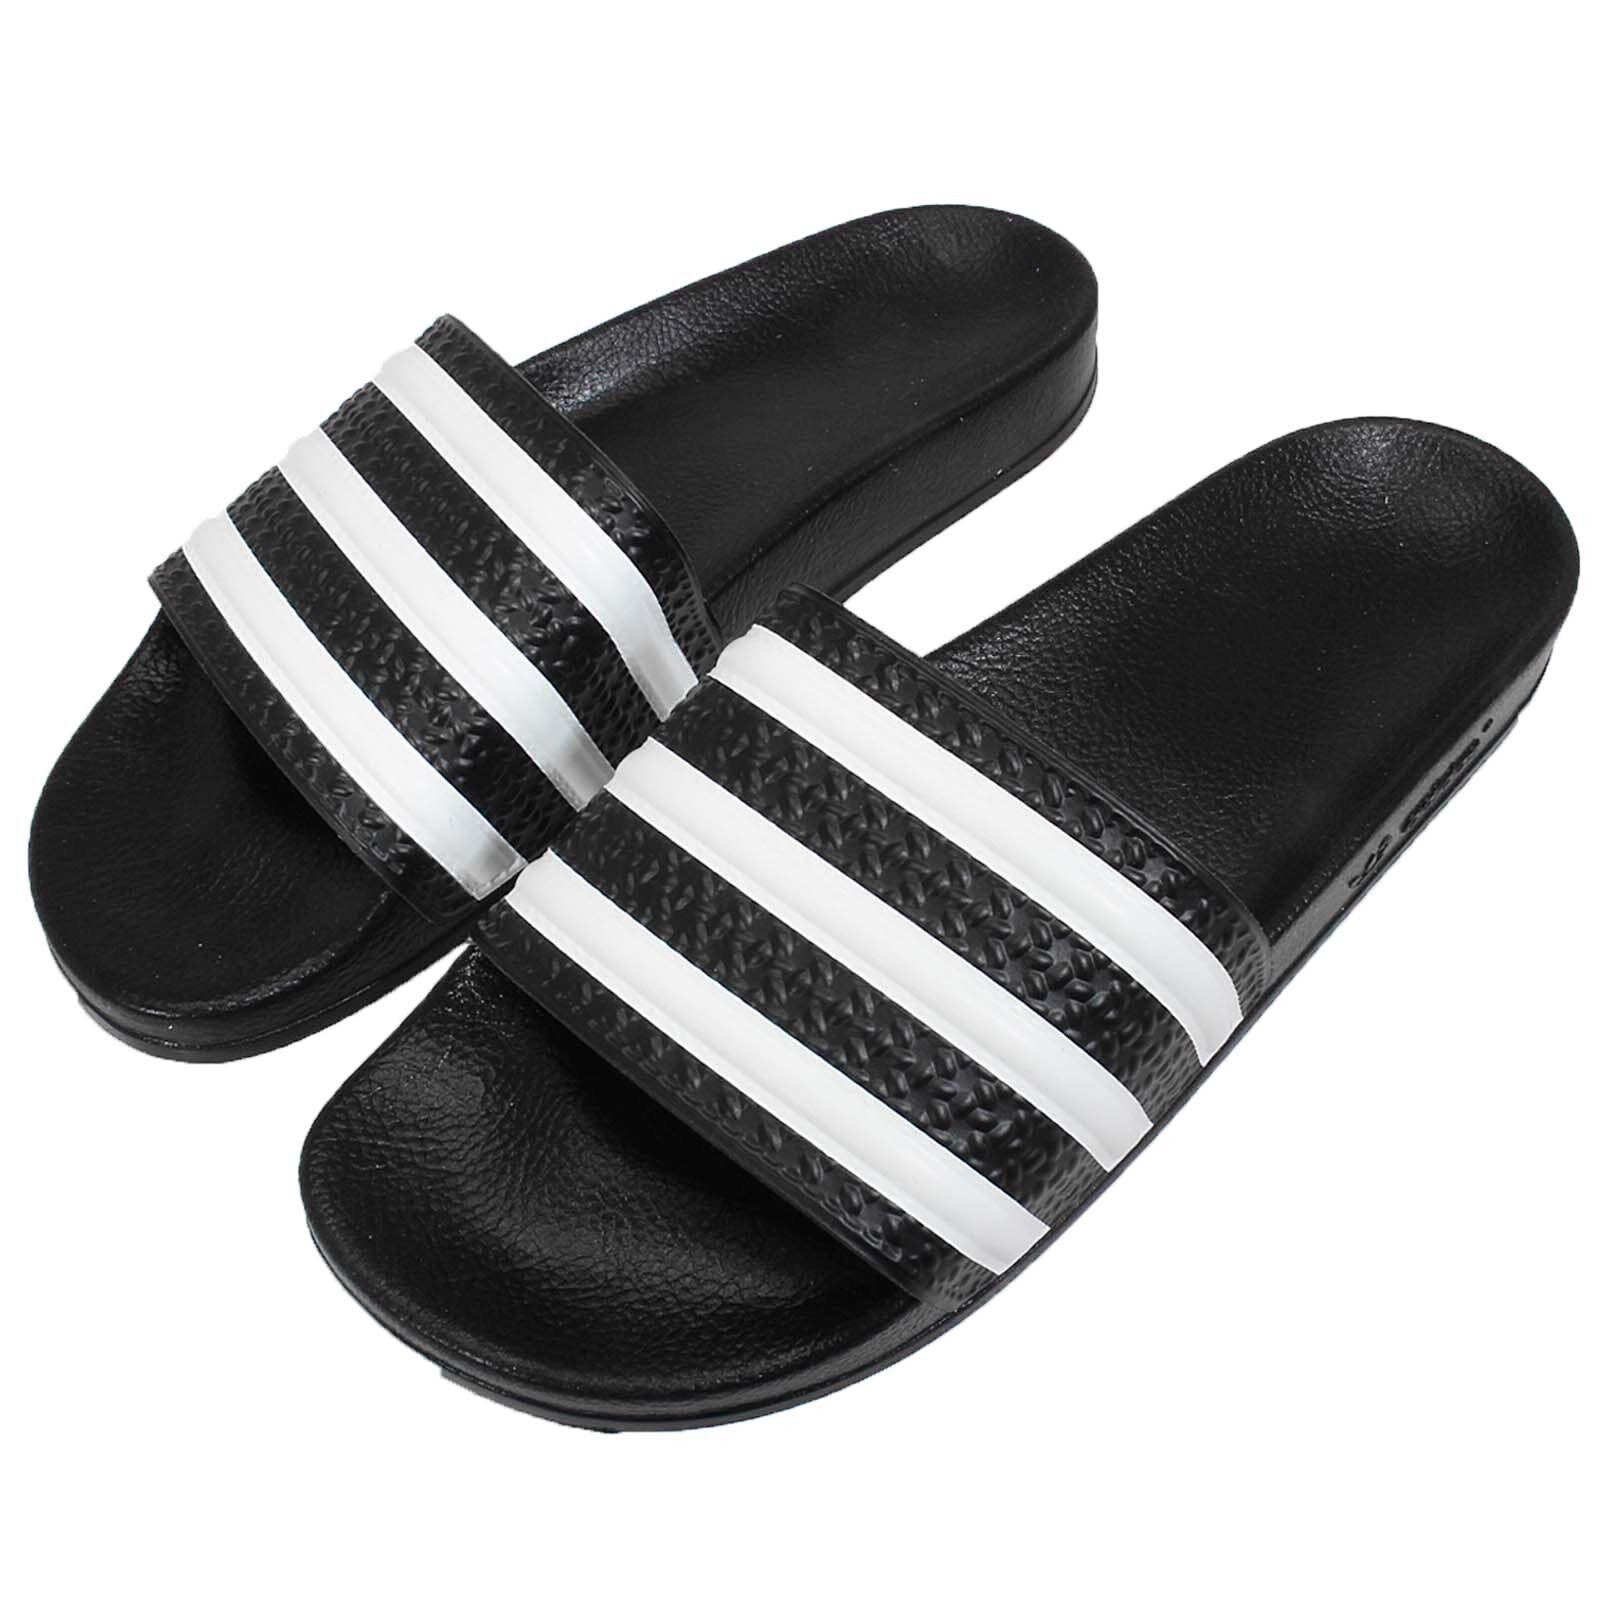 adidas Adilette W 3-Stripes Fekete Fehér Női Szandál Csúszda Papucs 072329